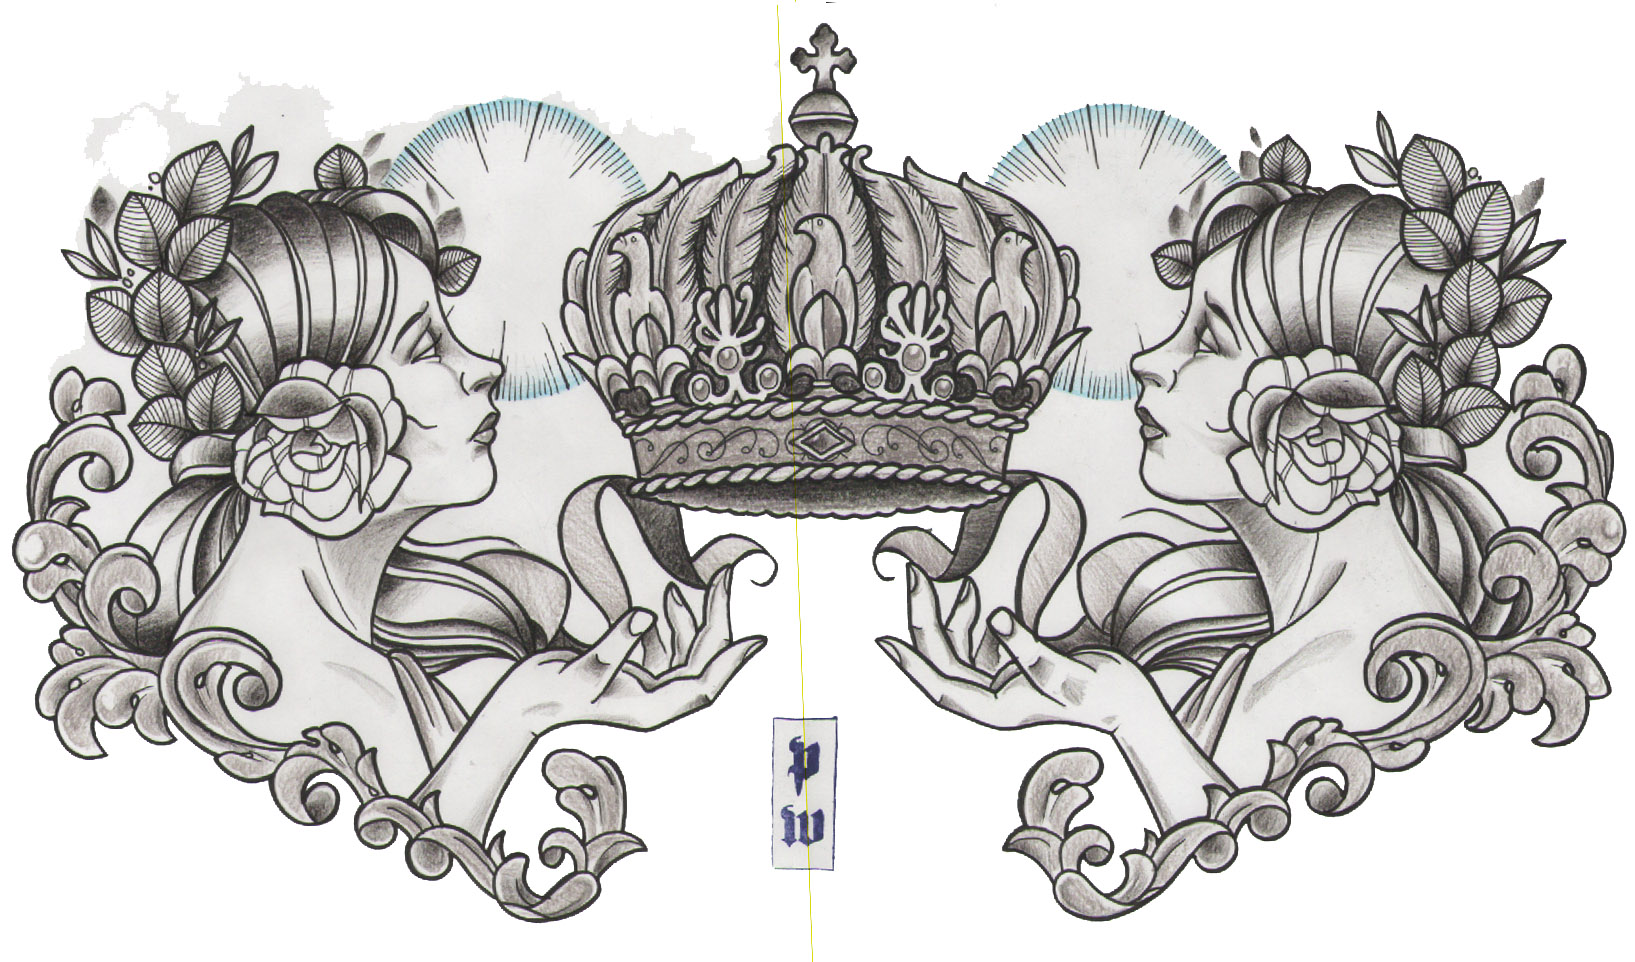 Chest-piece-tattoo-designs-chest-piece-tattoo-sketch-neo